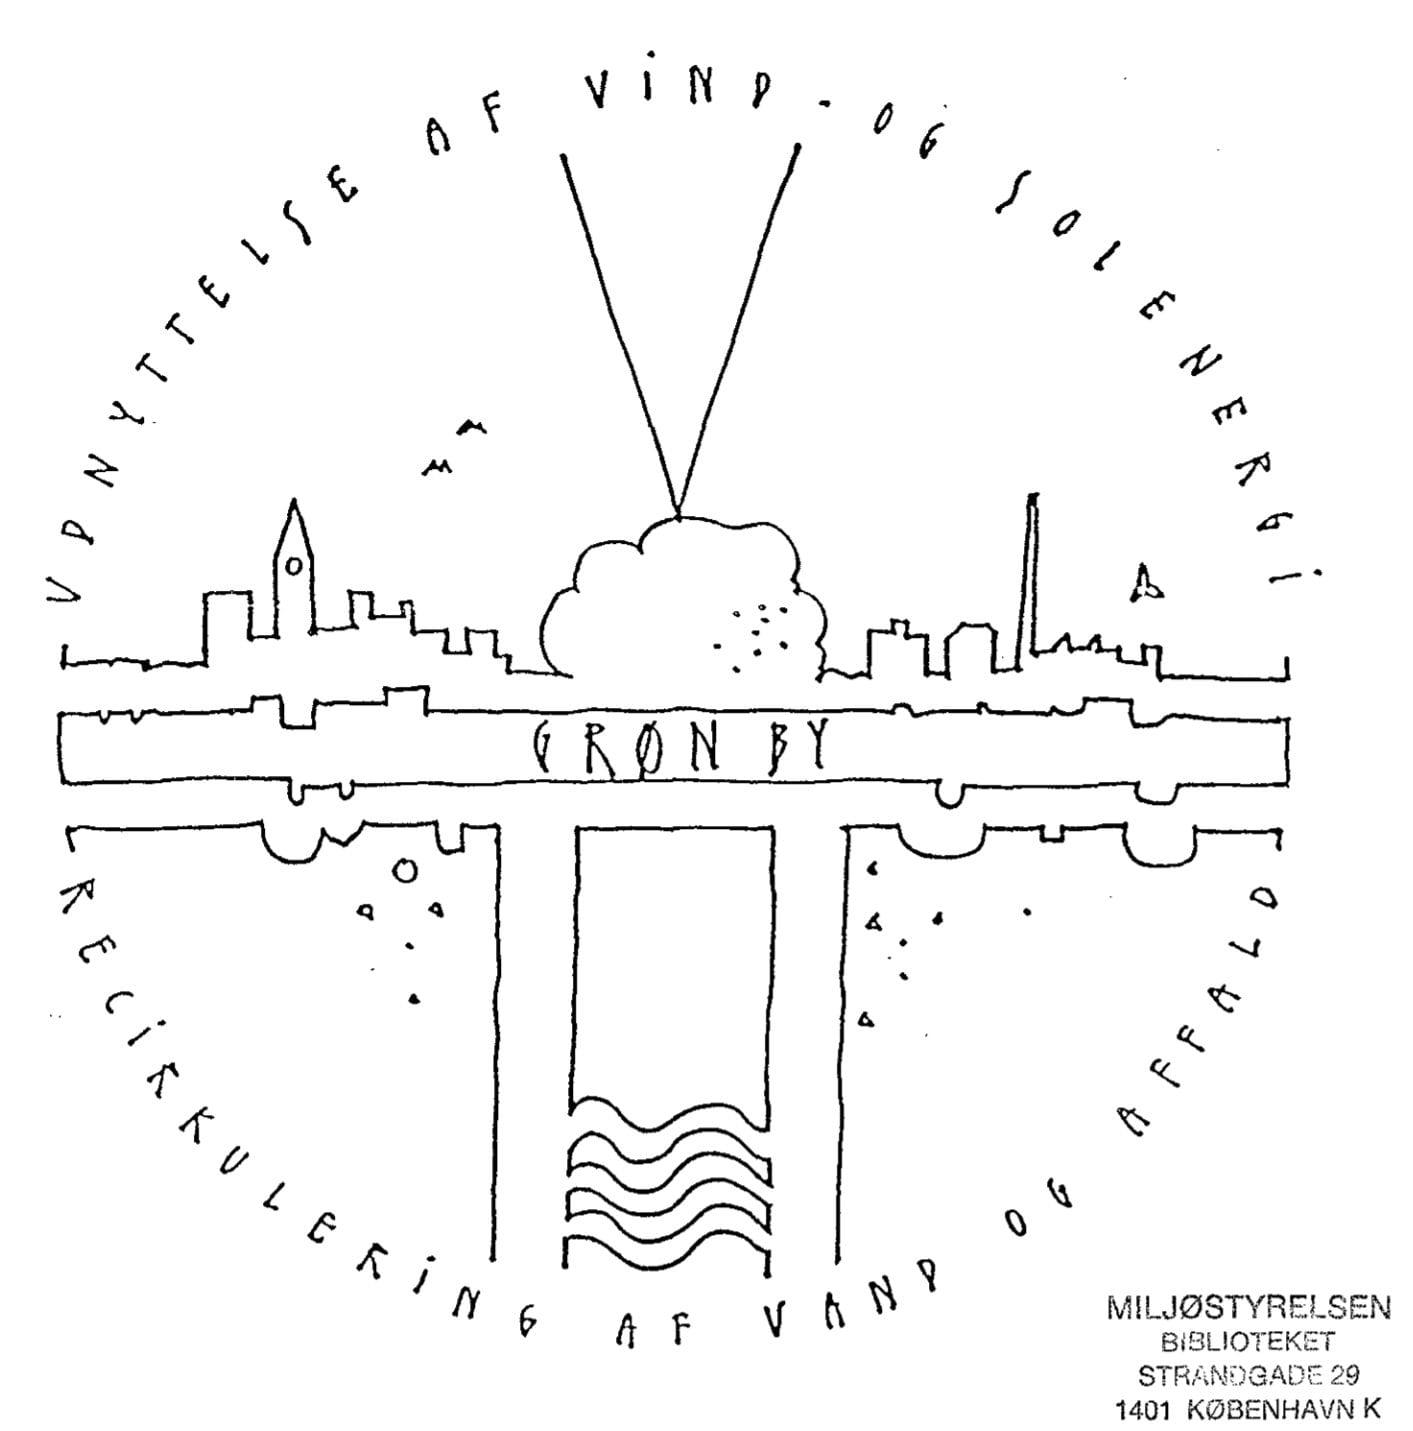 Logoet fra projektet Grøn By i Slagelse fra 1988.